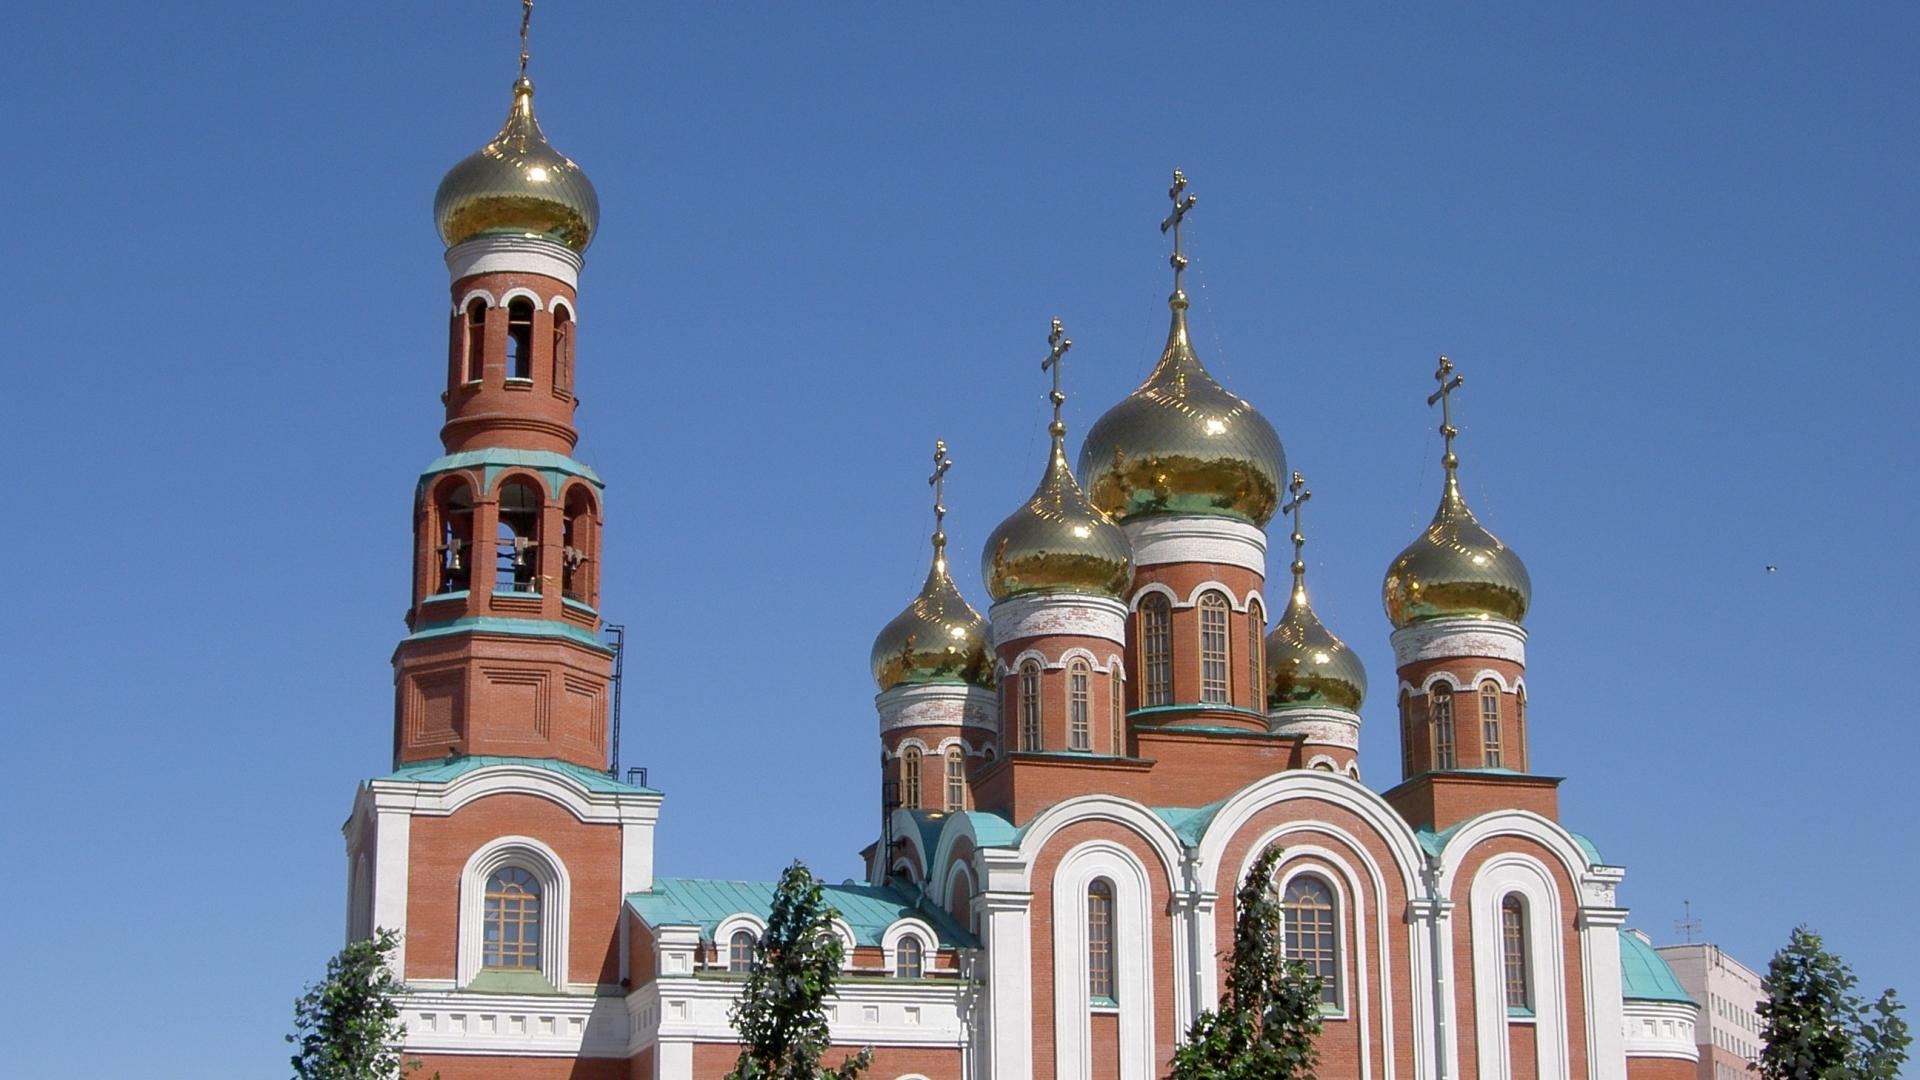 Обои церковь, купол. Города foto 16